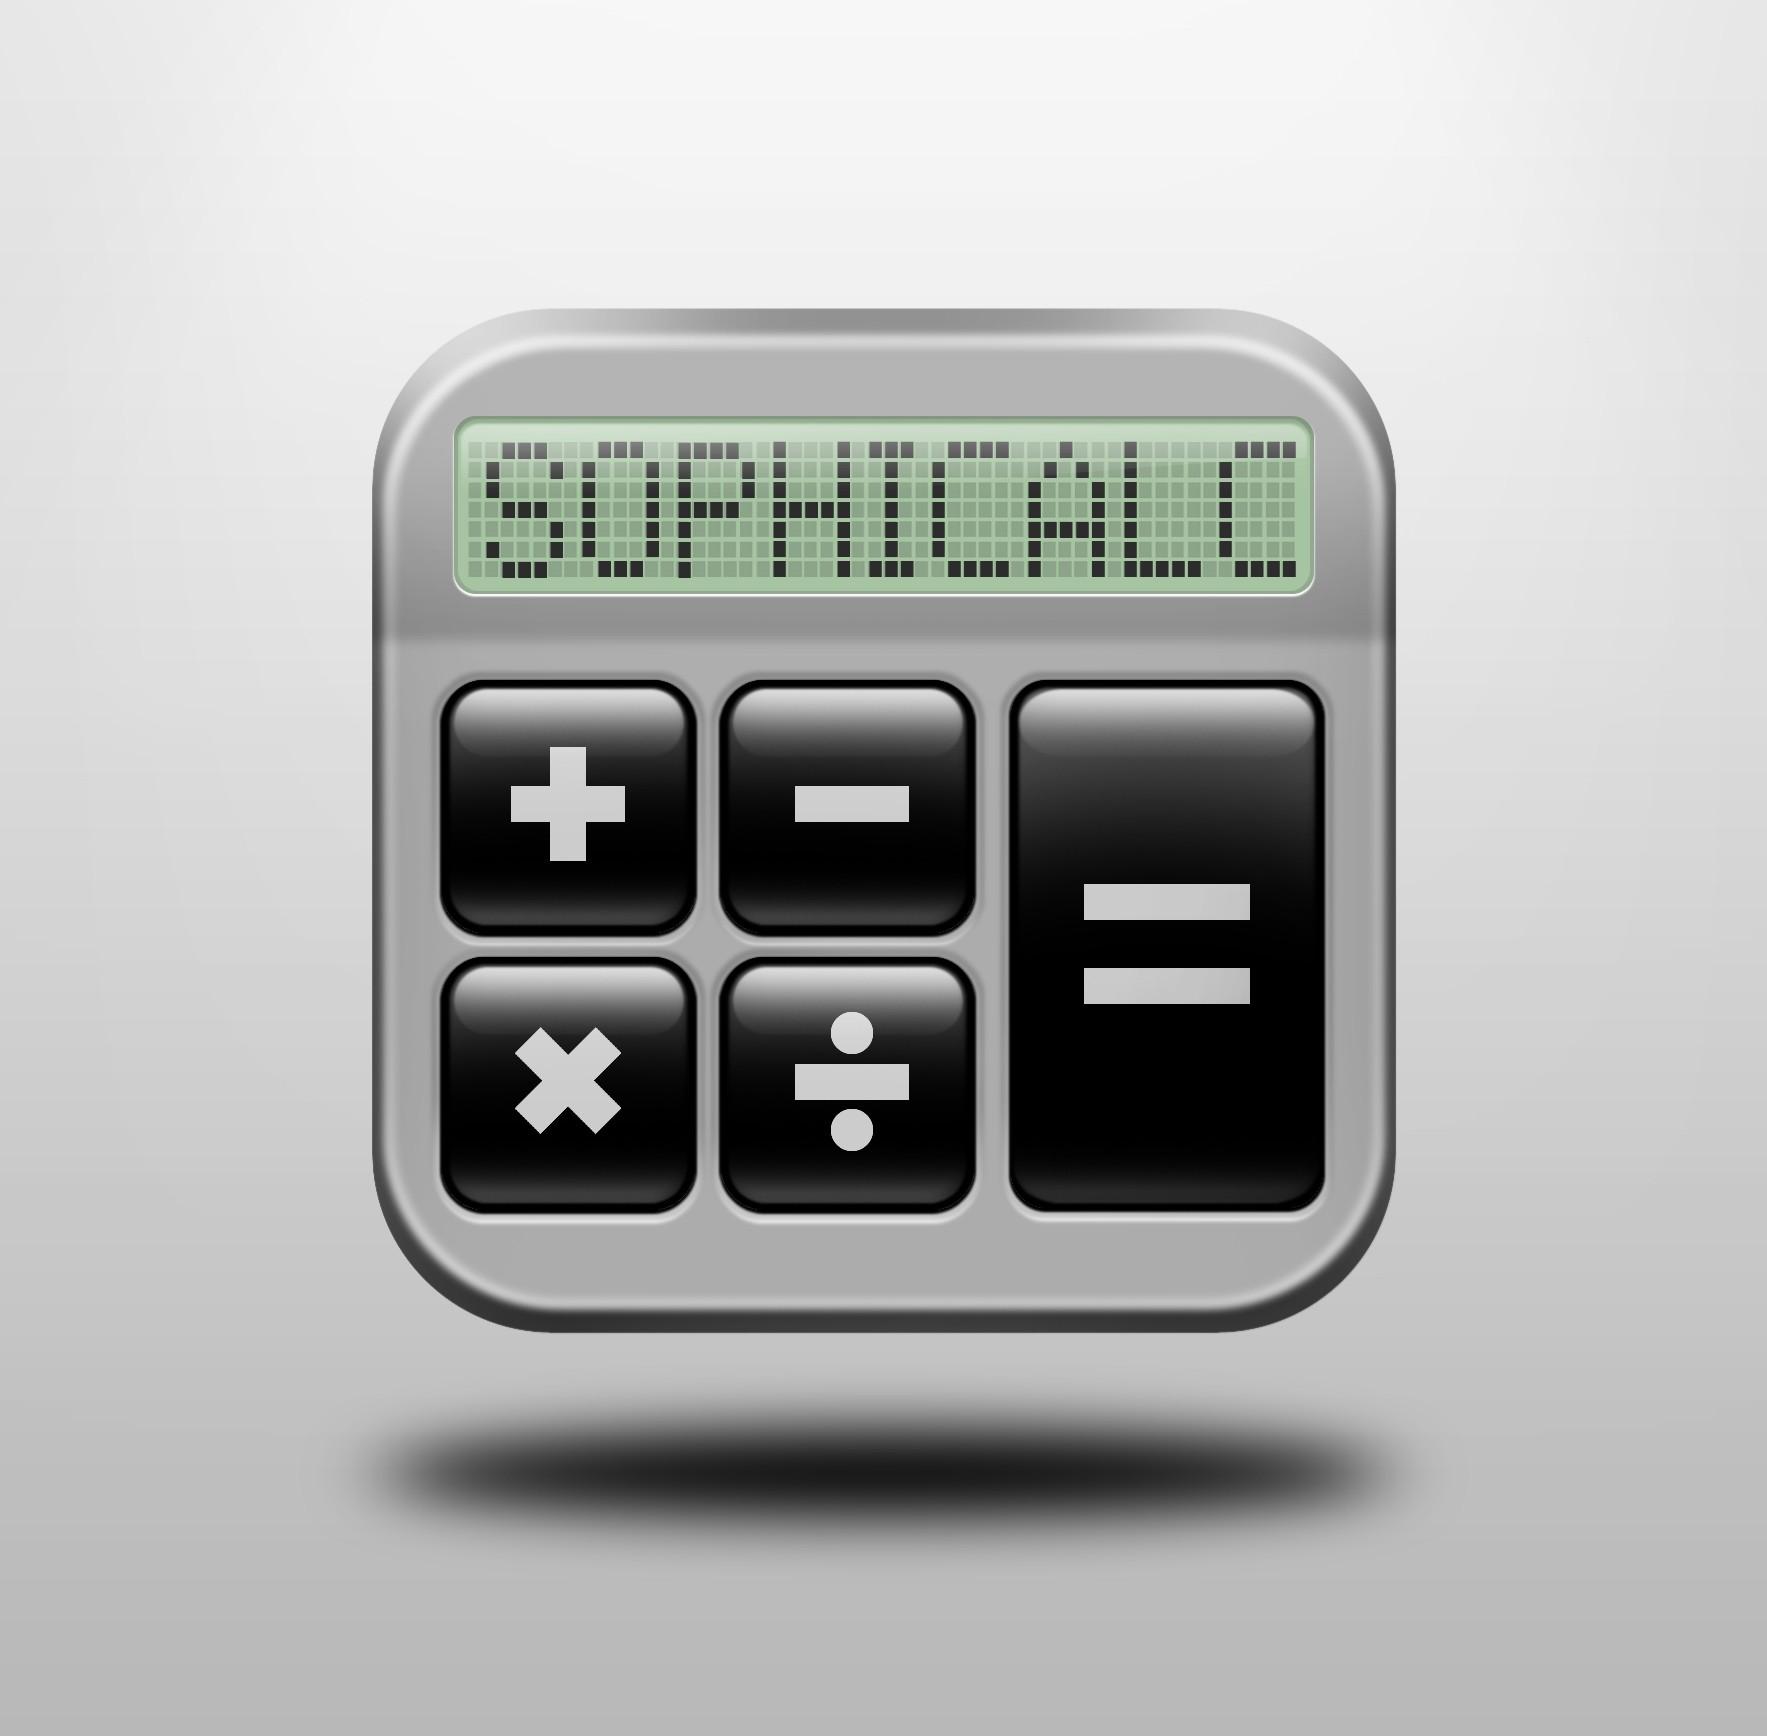 SophiCalc benötigt ein icon or button design